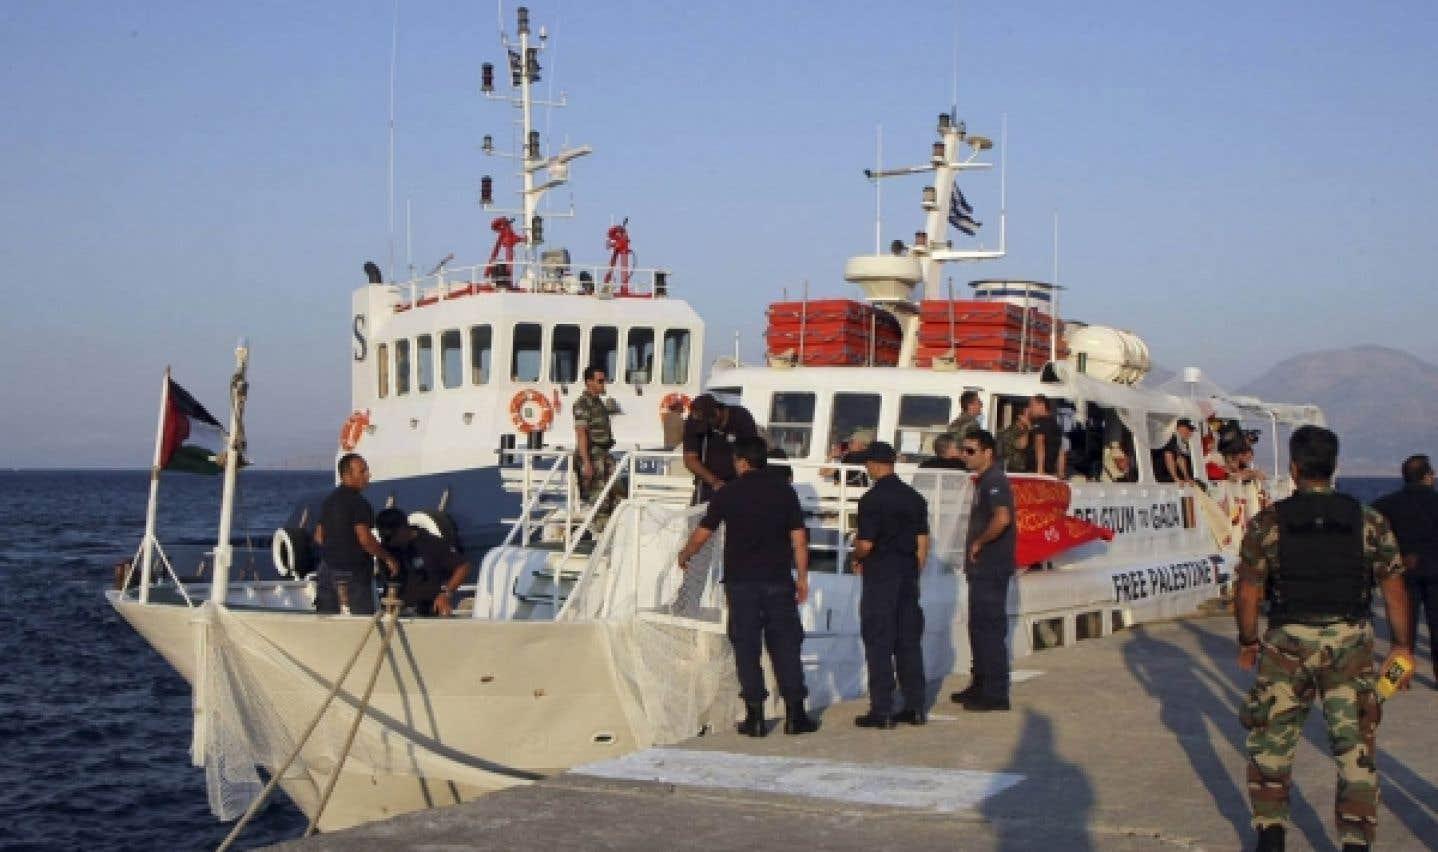 Flottille de la liberté - Le voyage du Tahrir stoppé net